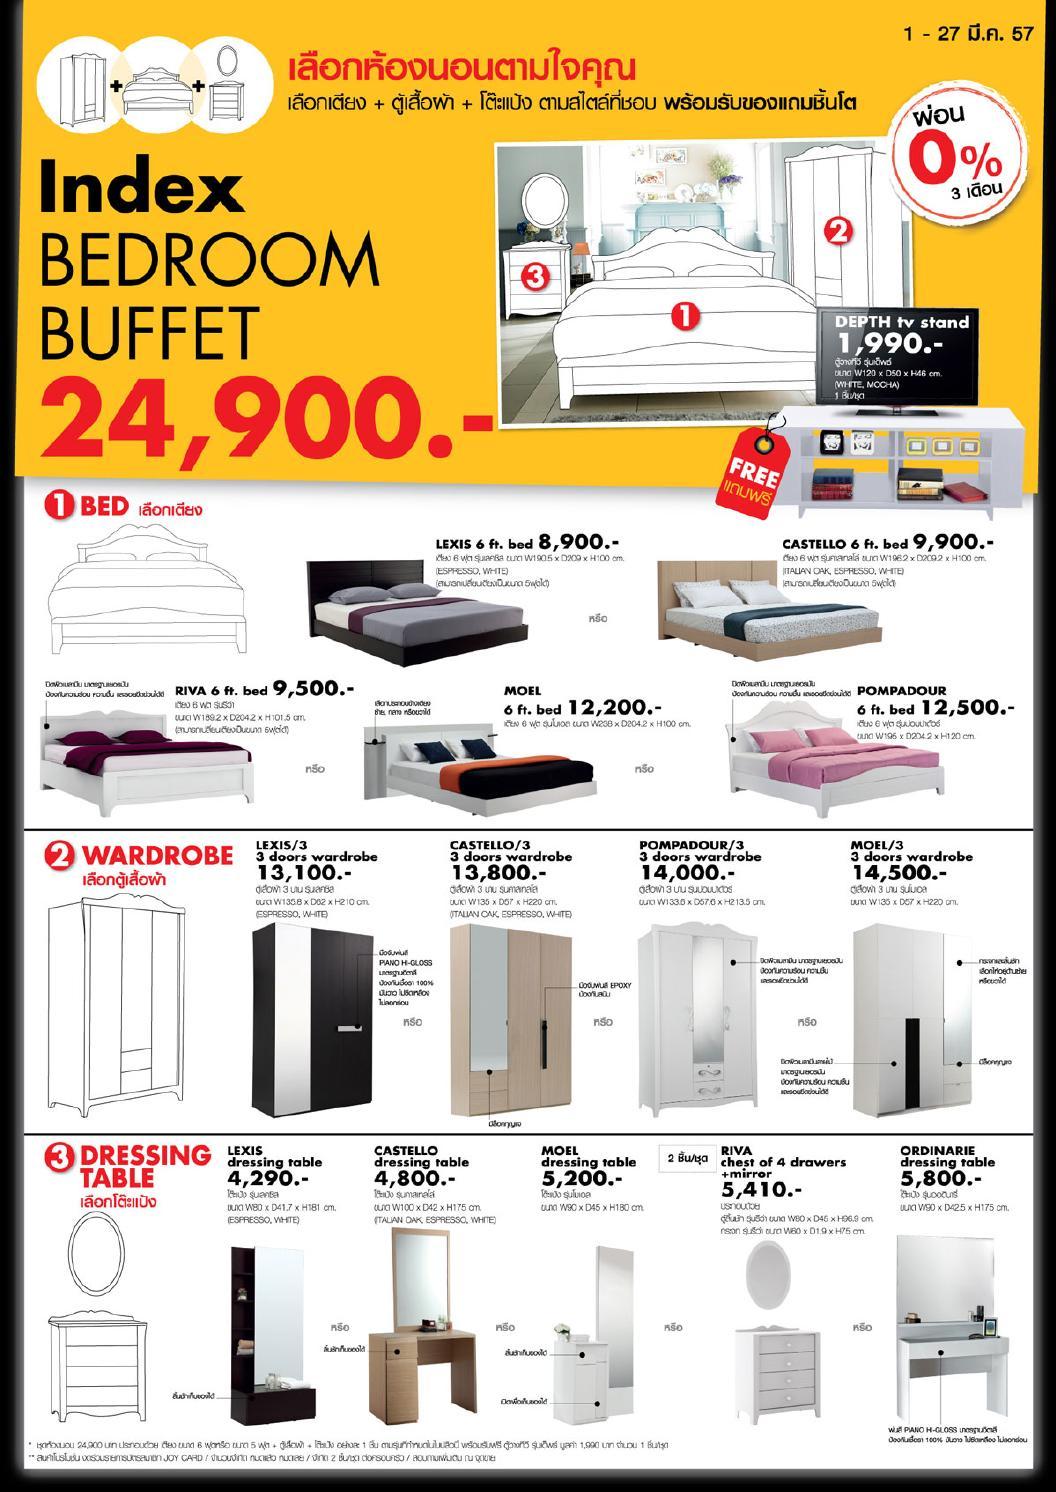 Amazing Index Bedroom Buffet